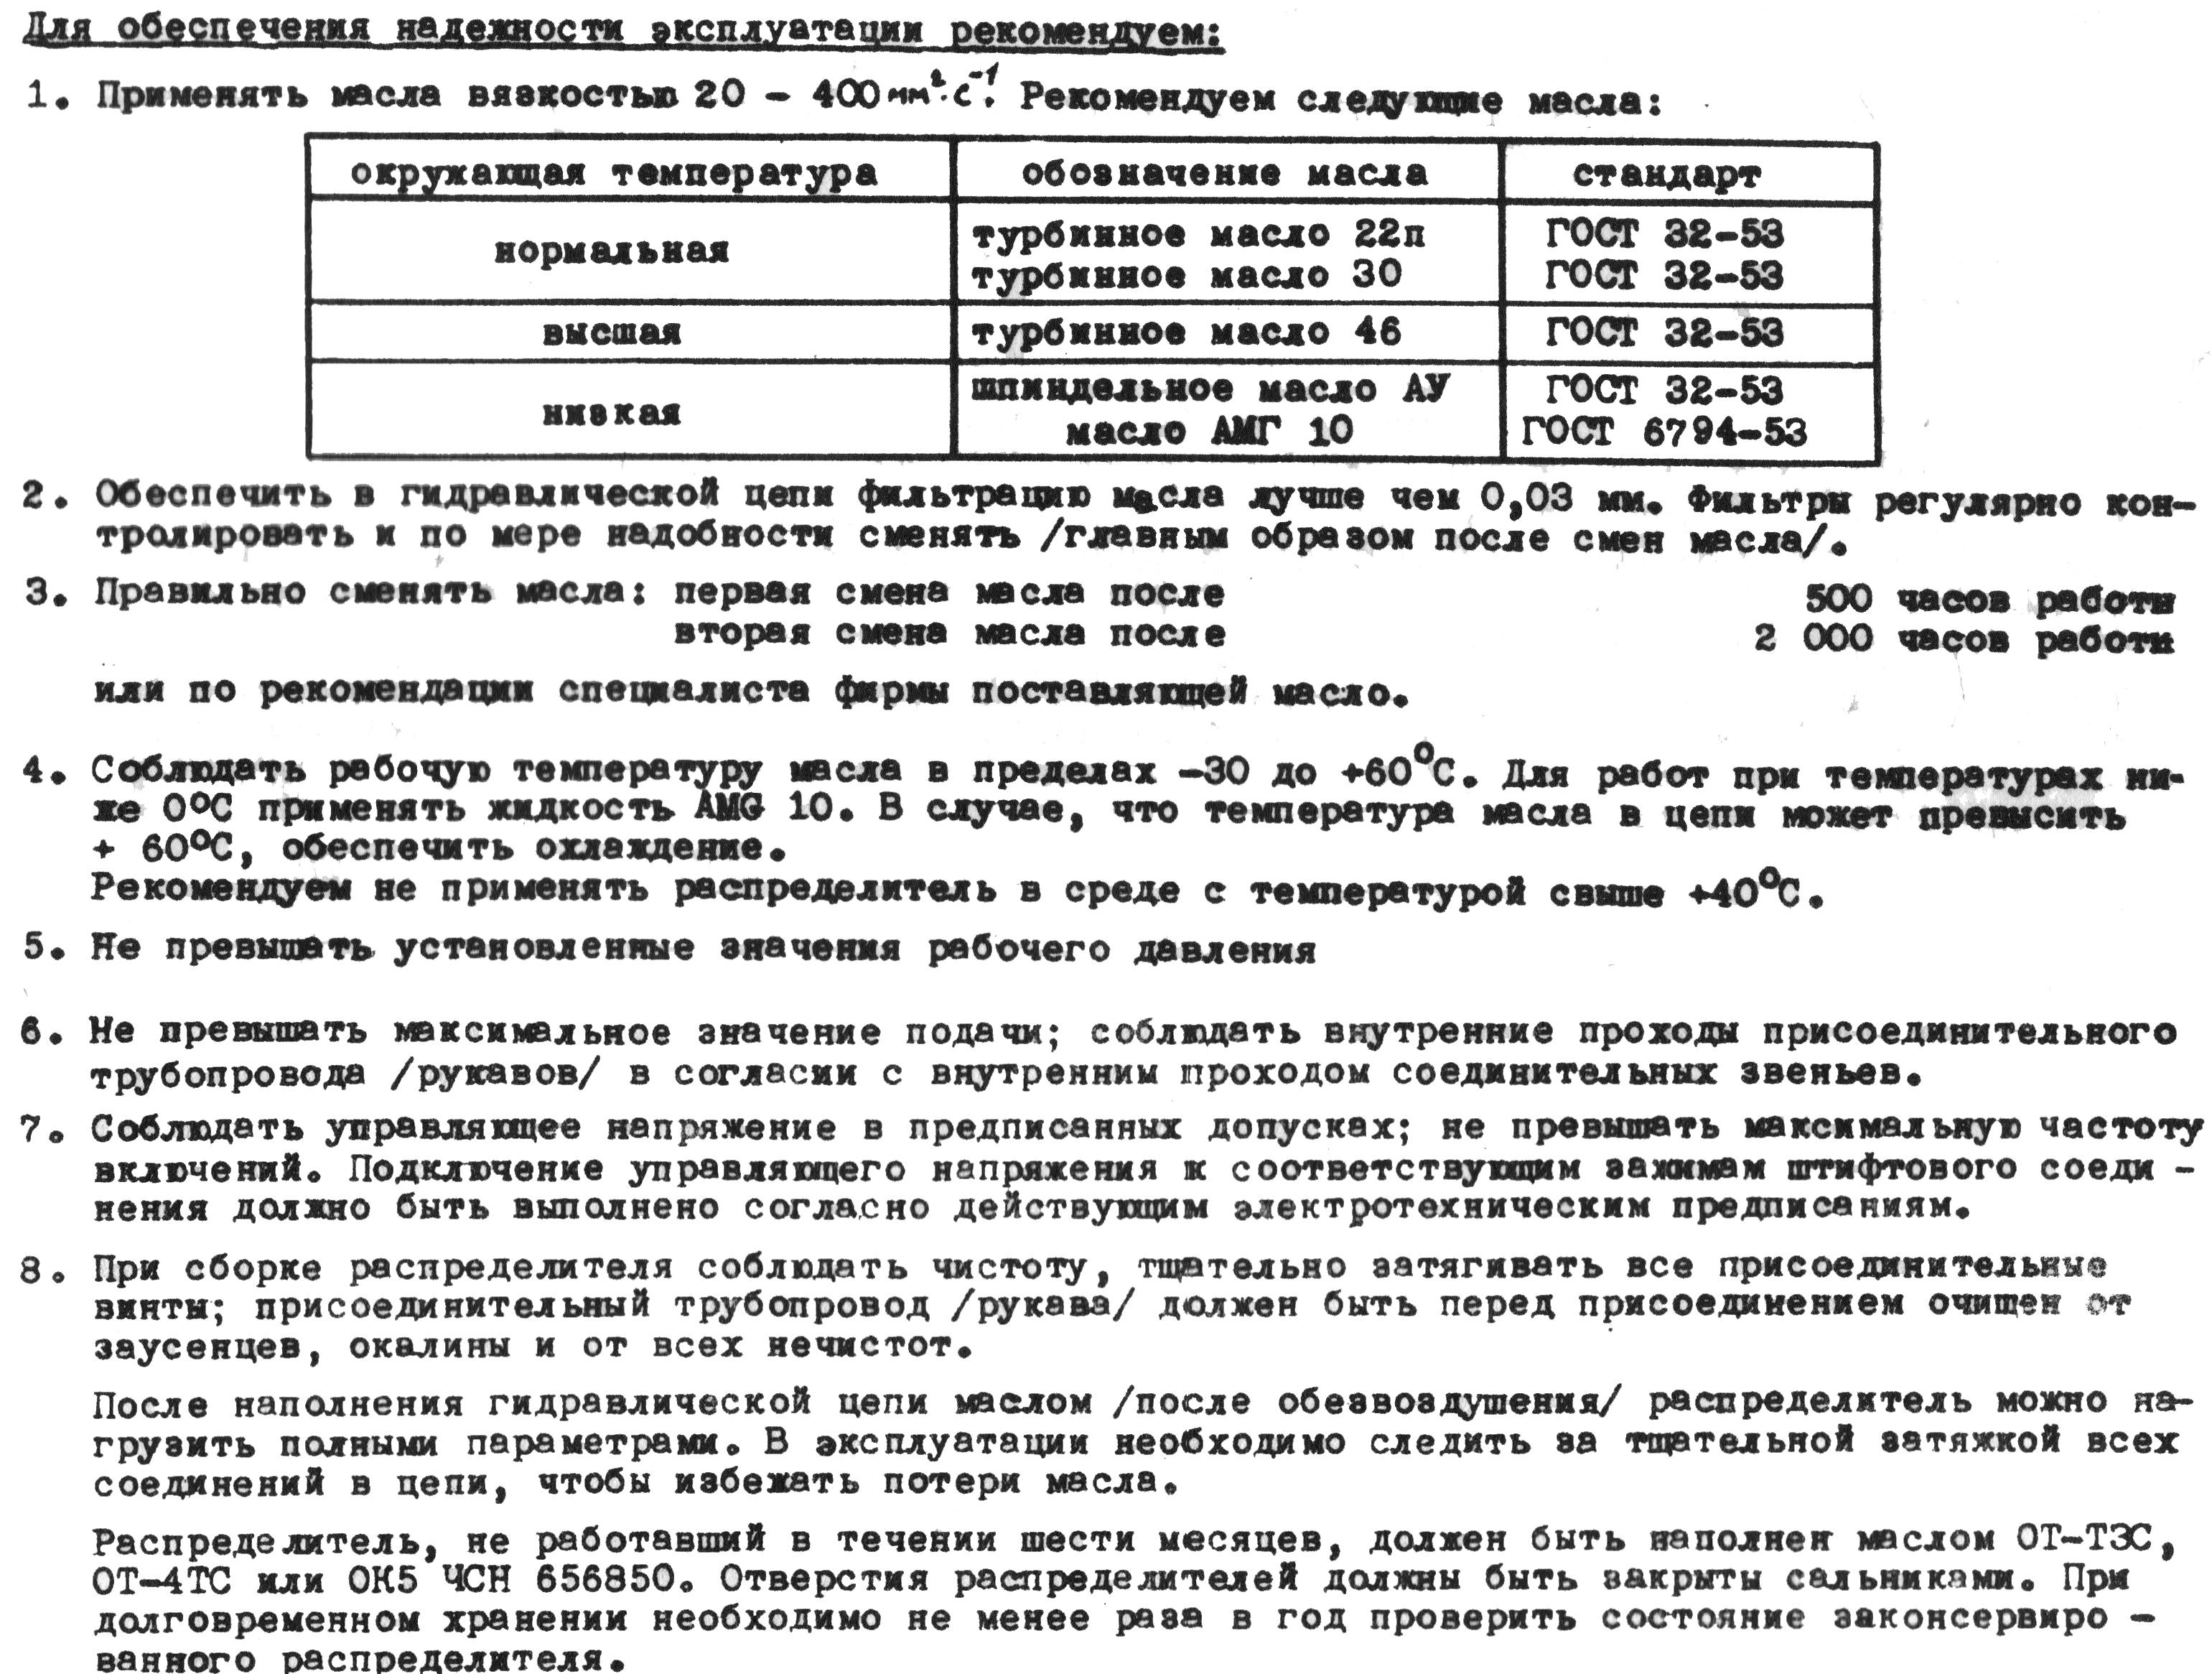 Рекомендации для эксплуатации гидрораспределителей ВЕ 43